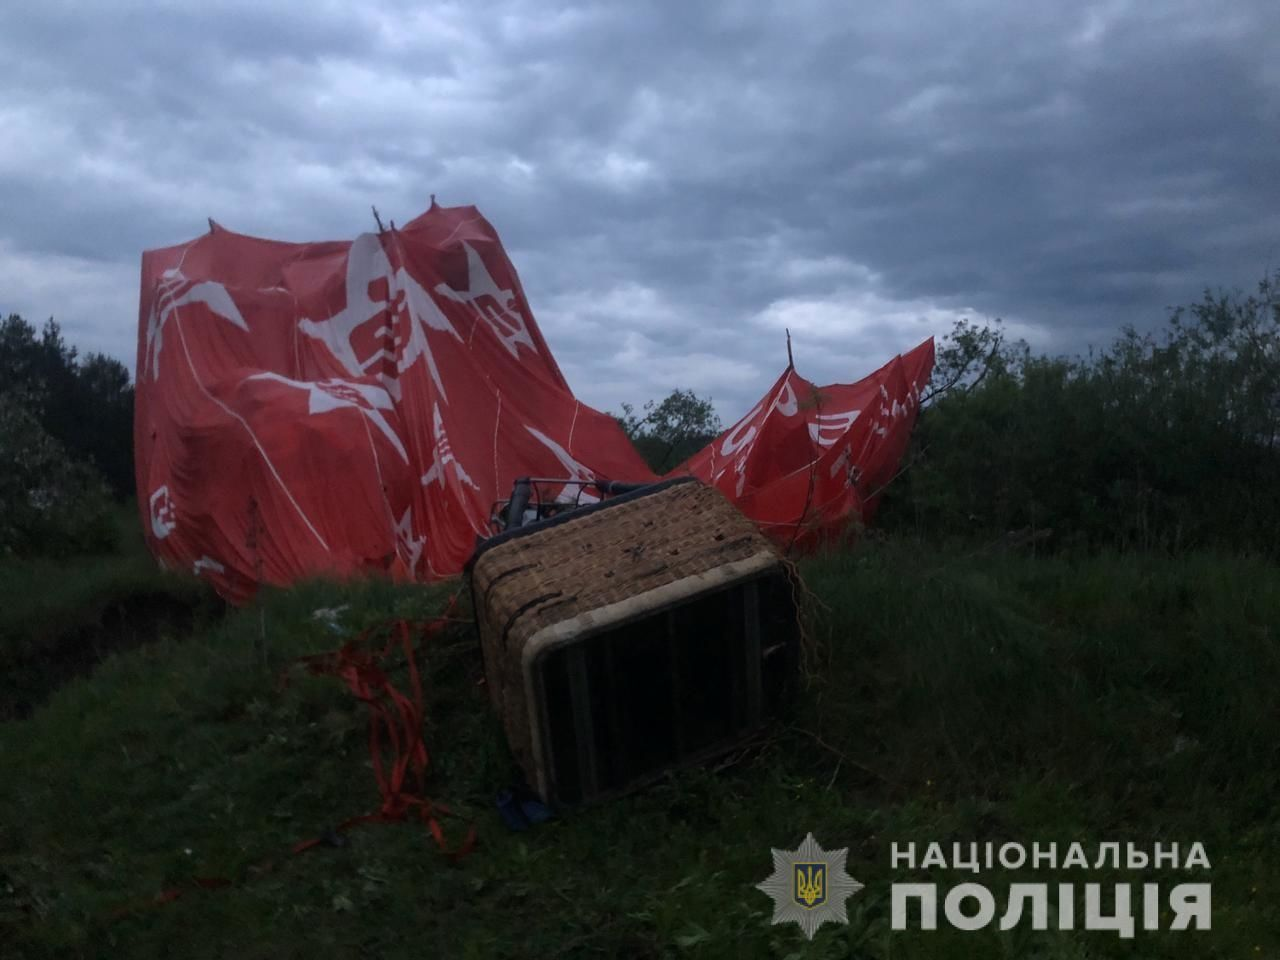 Катастрофа воздушного шара в Каменец-Подольском: названа официальная причина, пилот не общается со СМИ